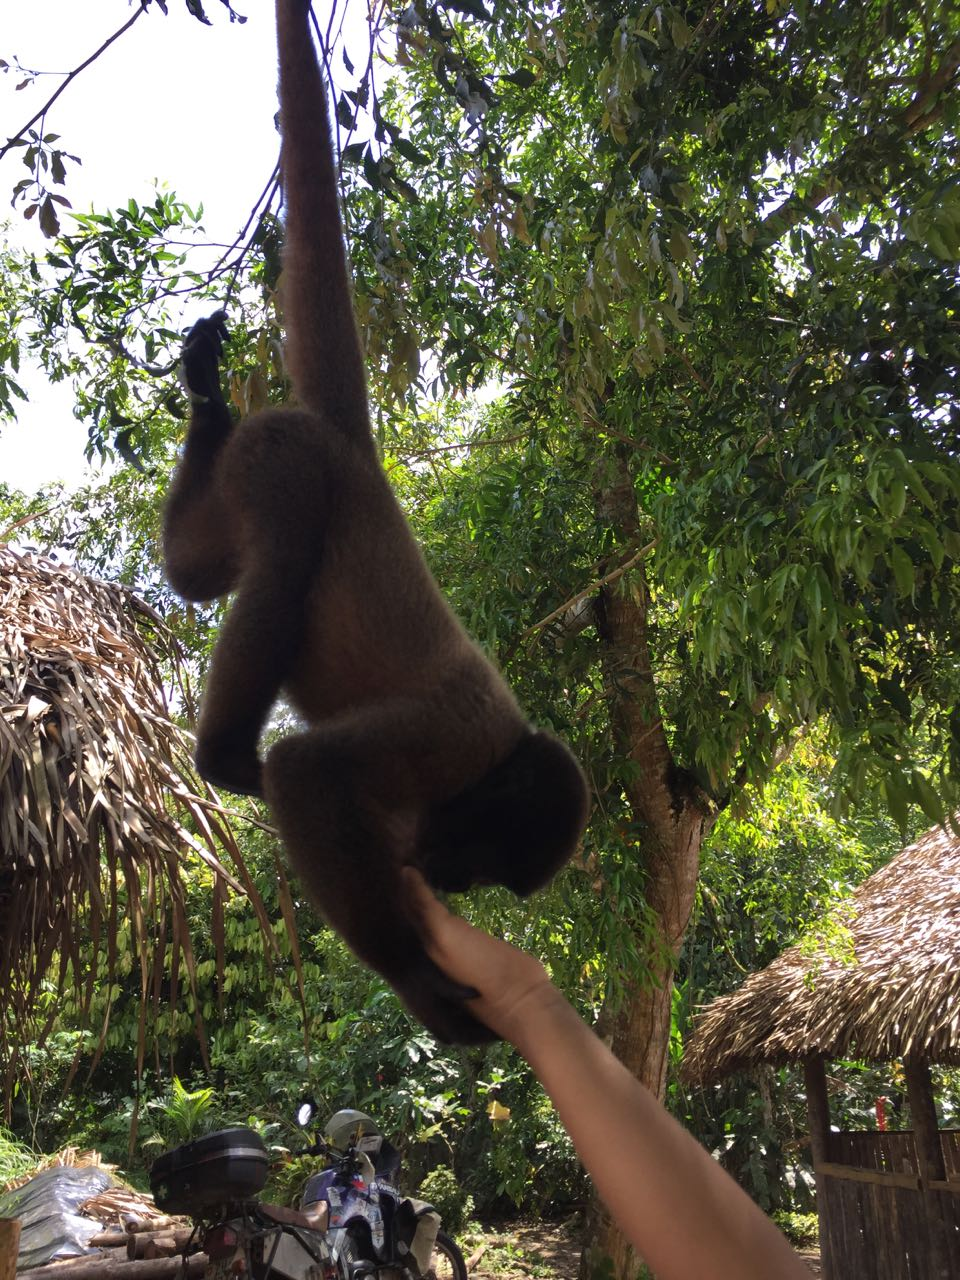 Und der kleine Hausaffe, der immer im Baum herumklettert und gerne gestreichelt wird.